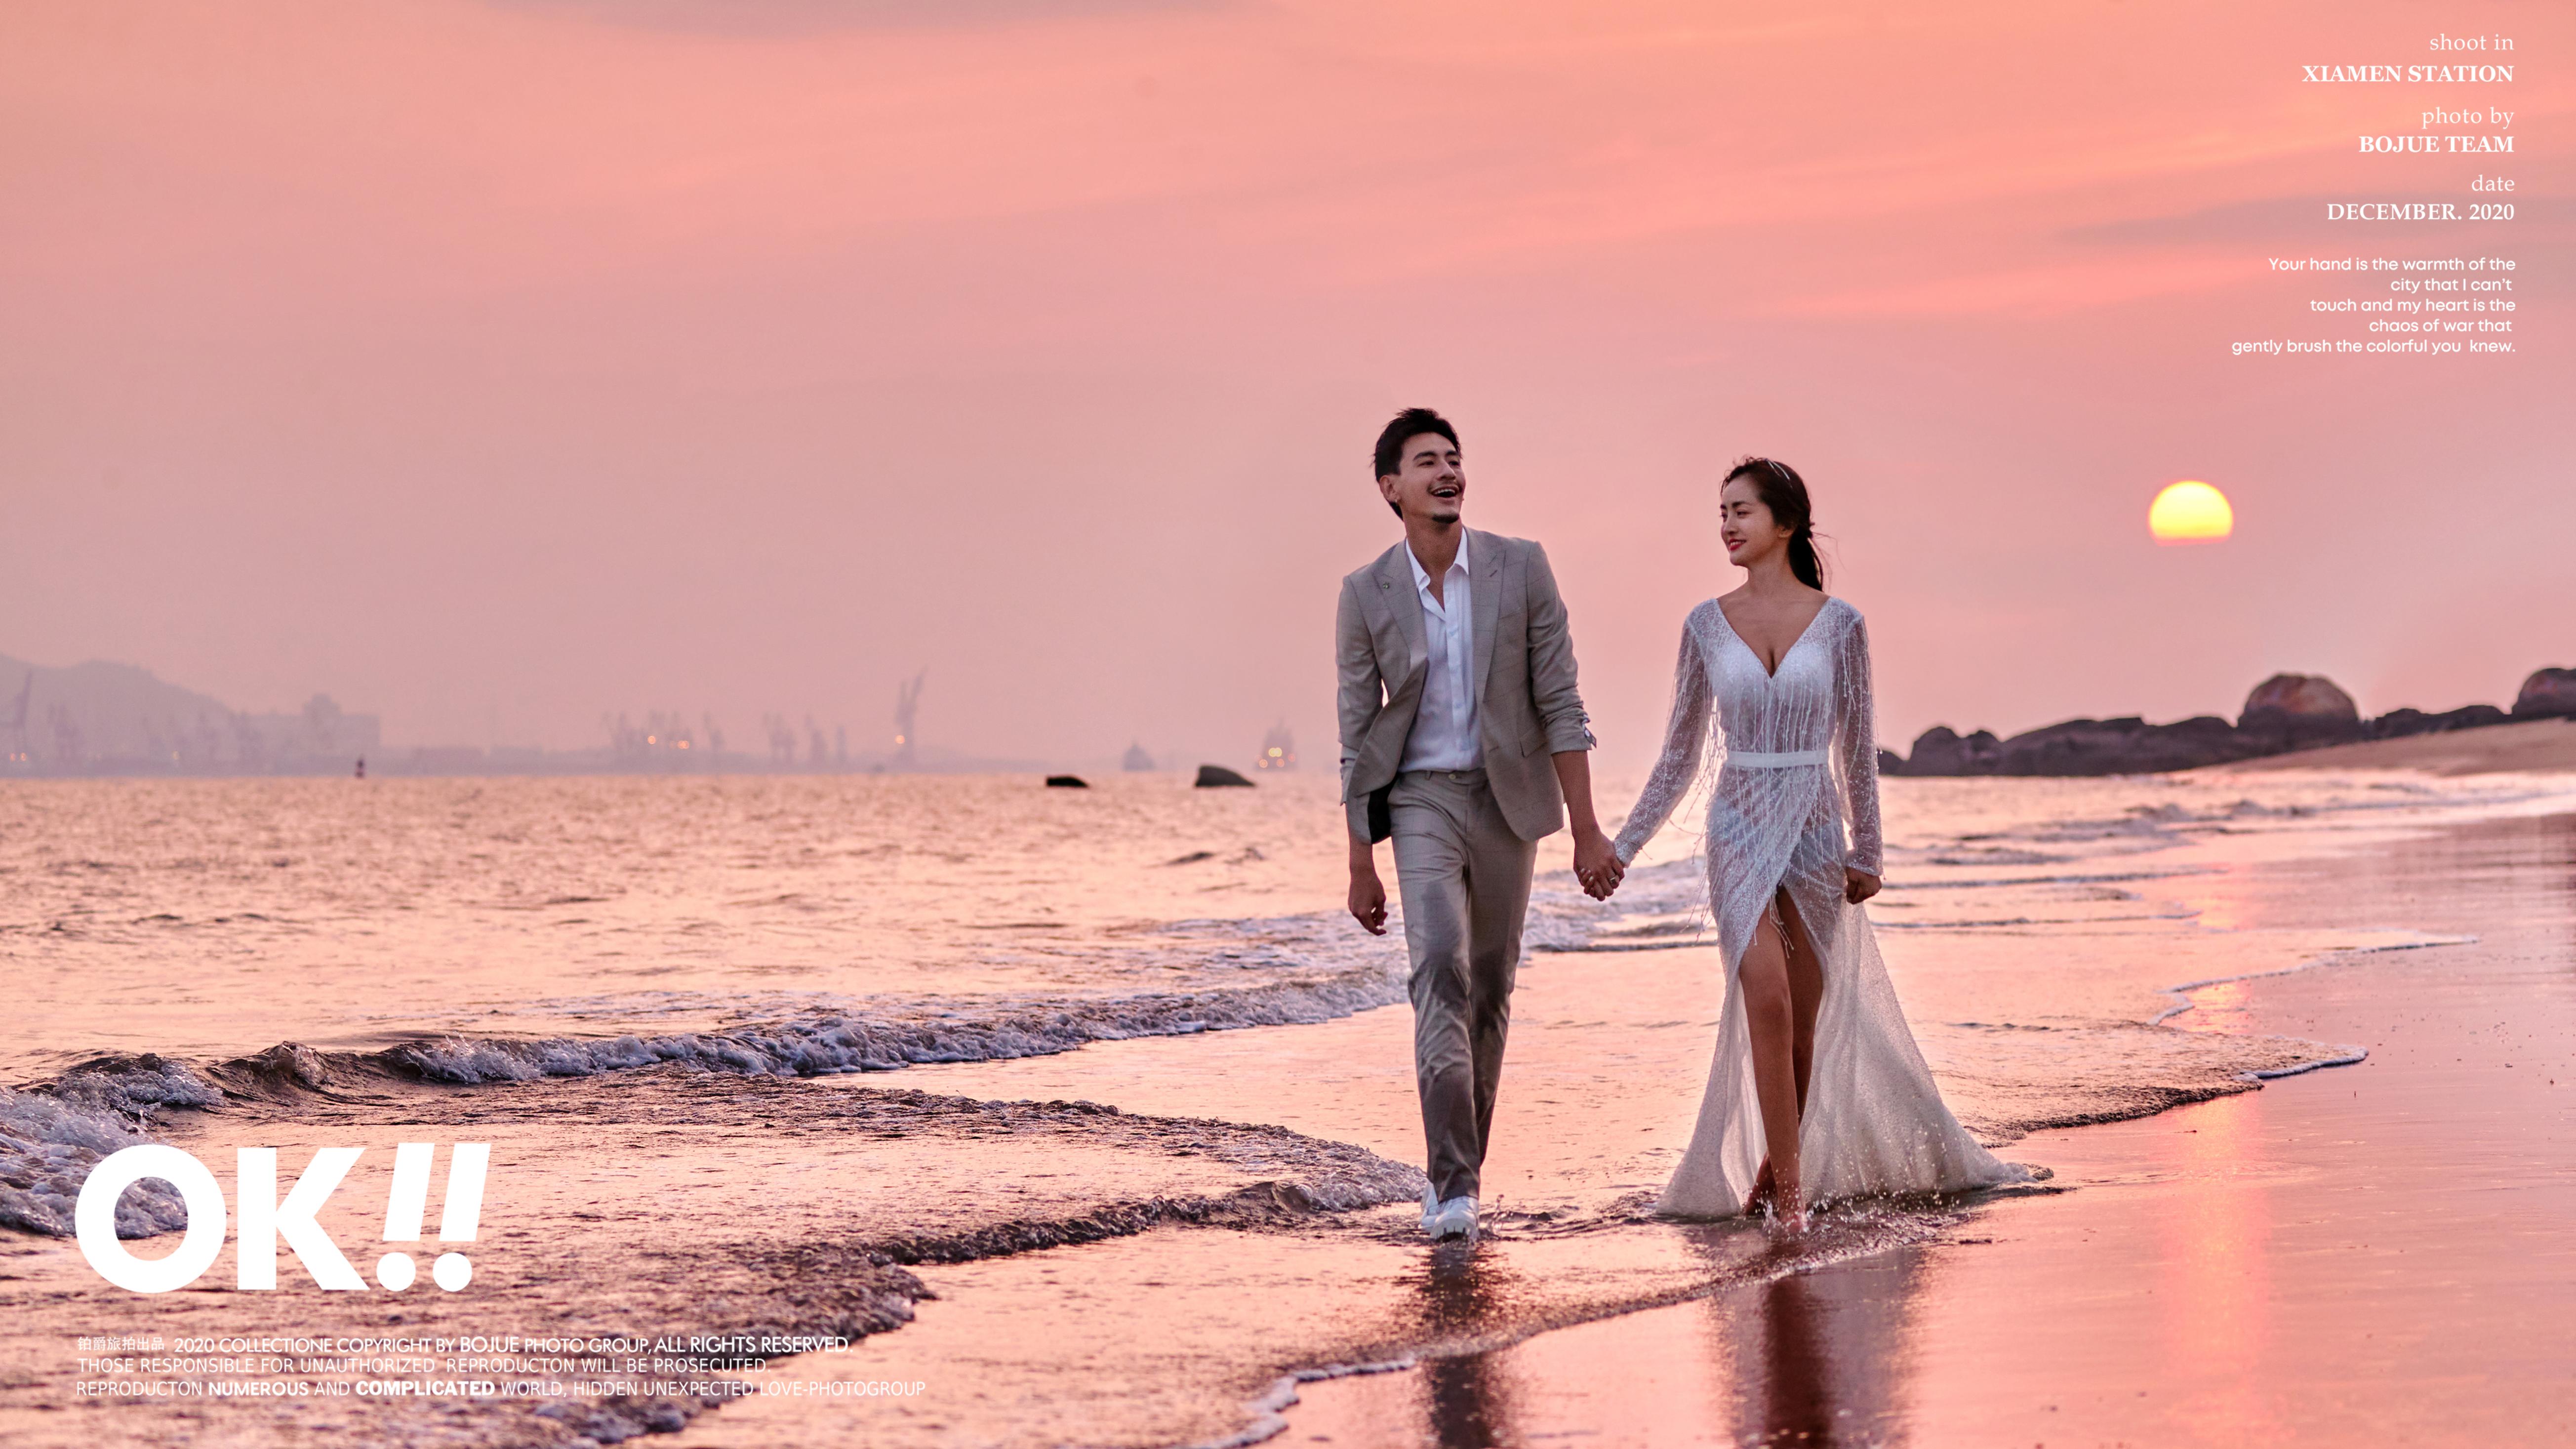 厦门婚纱照一般多少钱 铂爵旅拍婚纱摄影多少钱